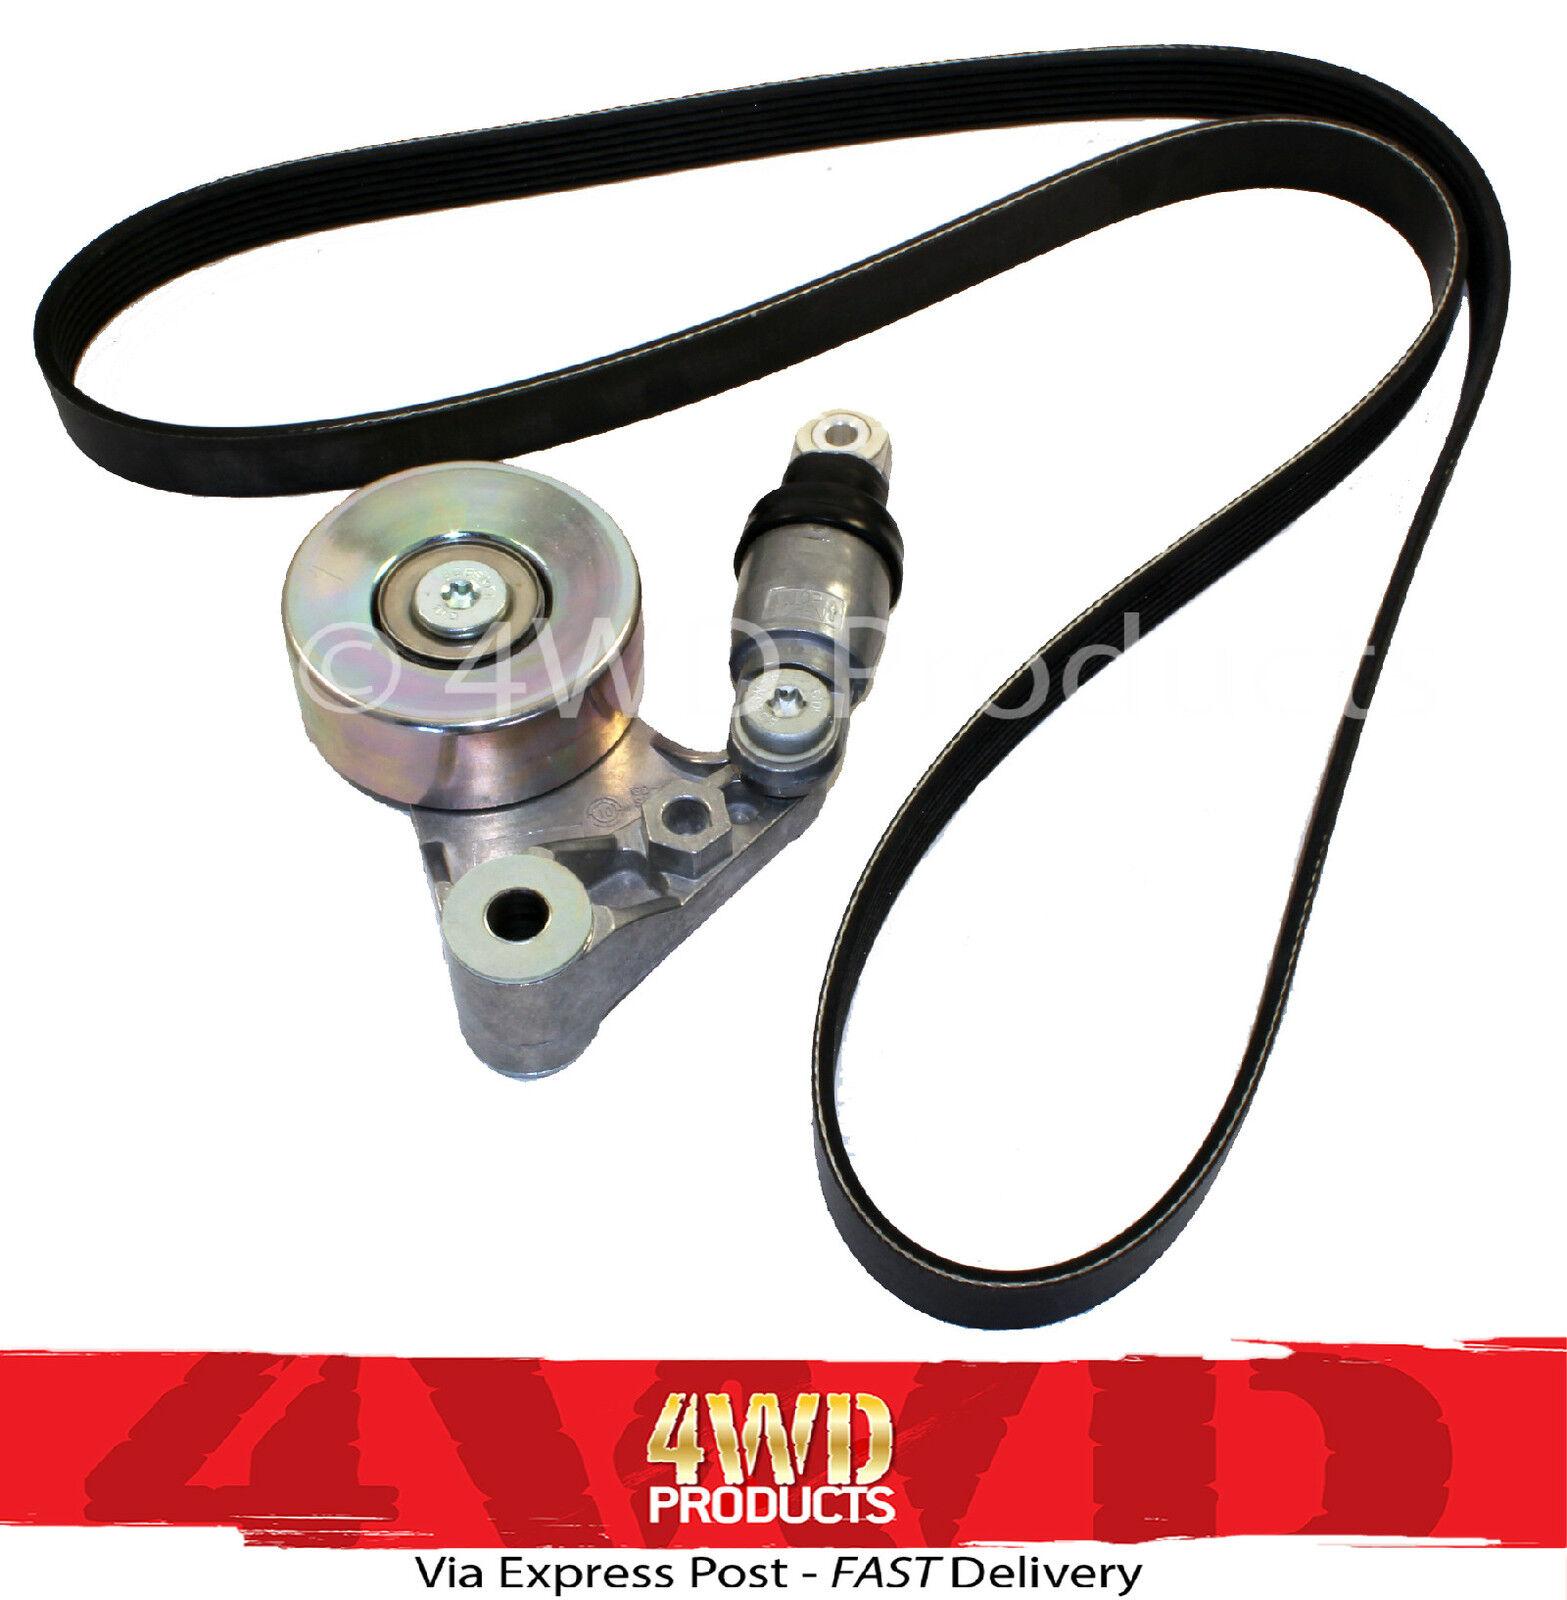 Details About Drive Belt Tensioner Pulleybelt Set For Nissan Navara D22 30tdi Zd30 01 06 Idler Pulley Diagram